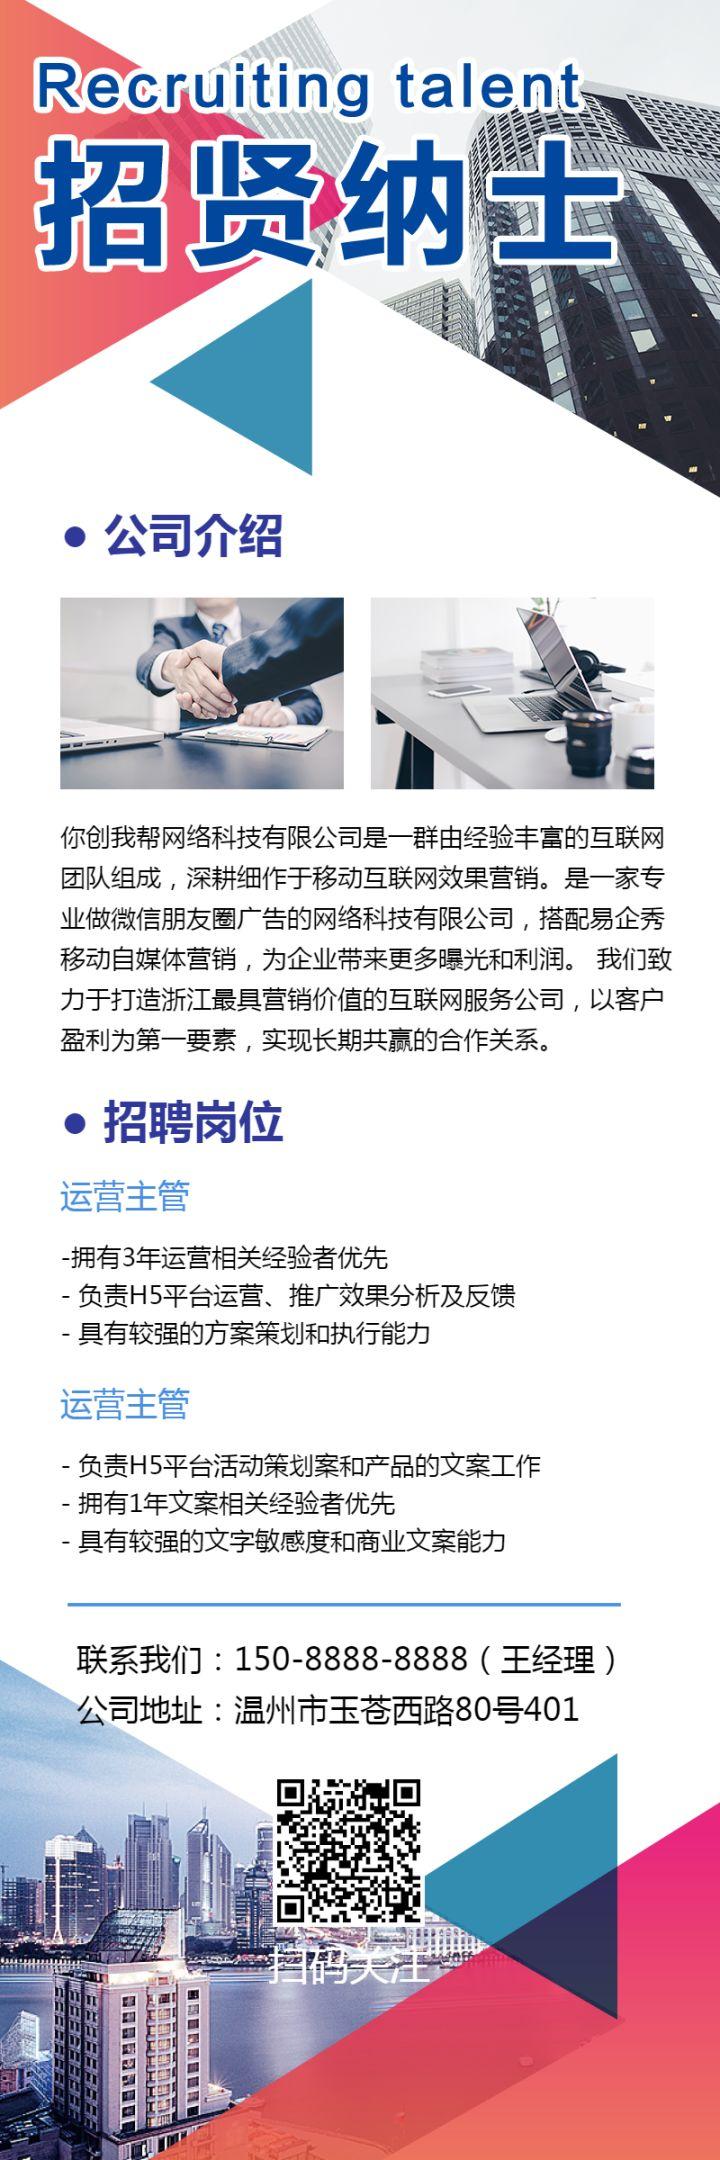 企业招聘岗位发布招聘招贤纳士模板